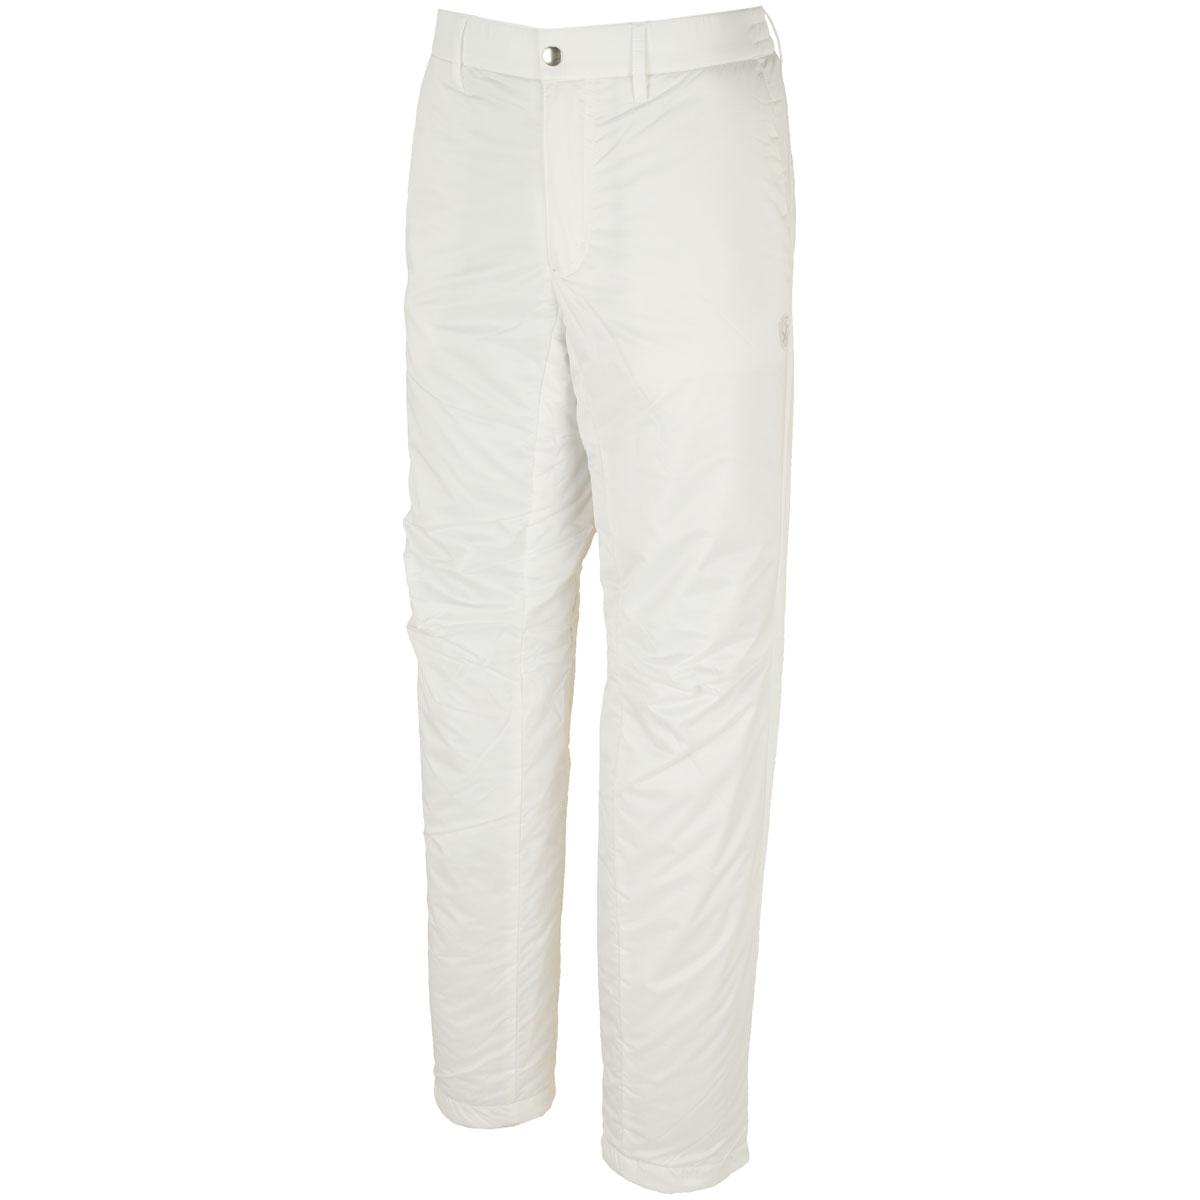 WhiteLabel 高密度タフタ中綿パンツ